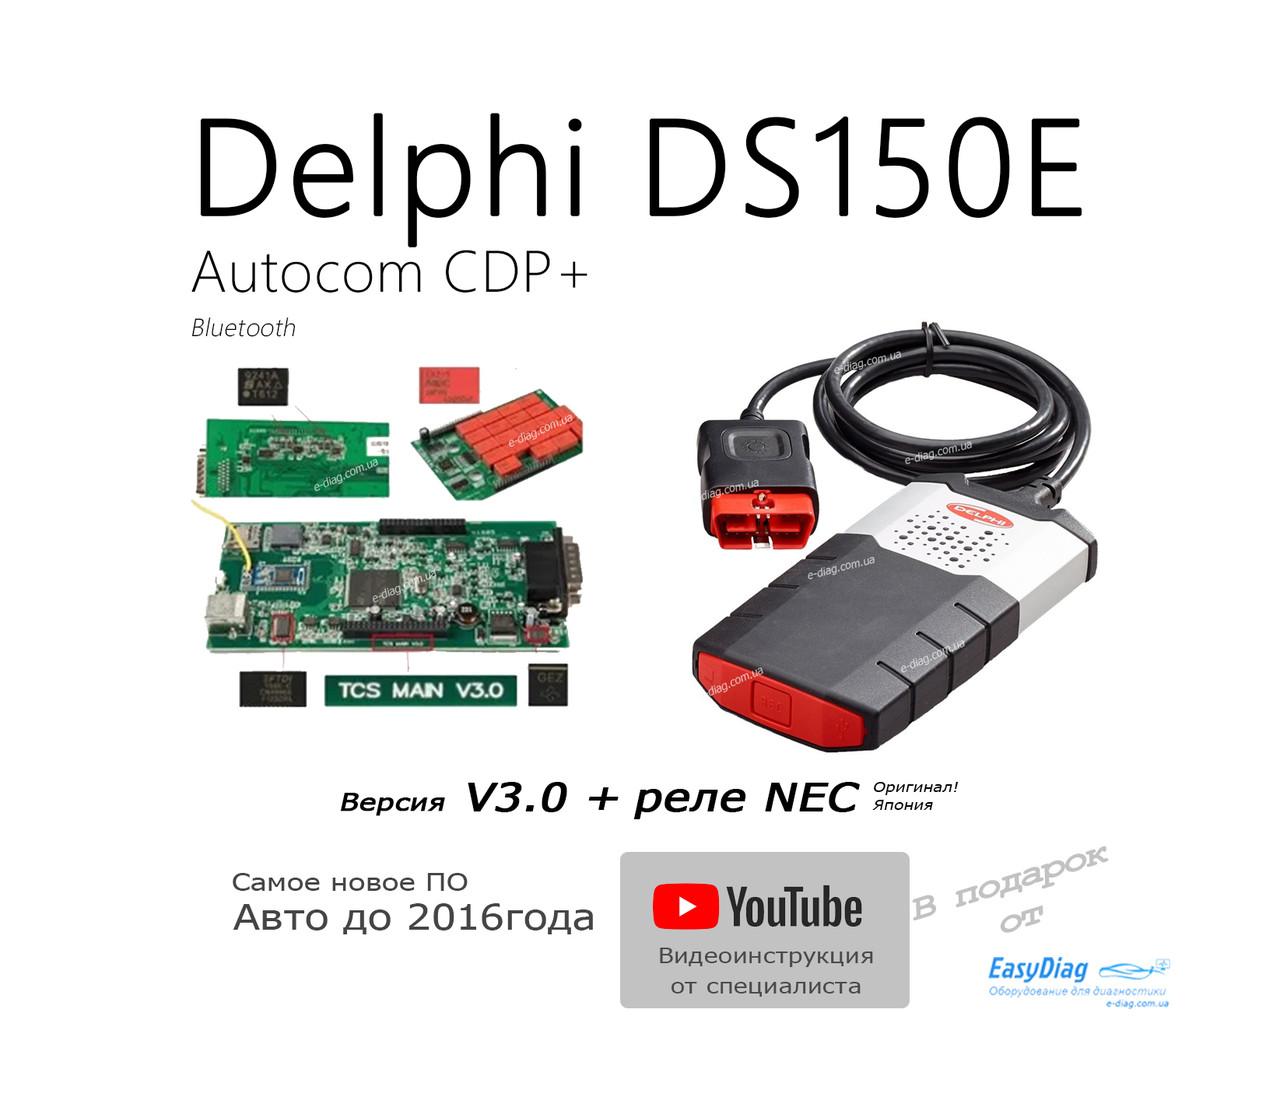 Професійний мультимарочний OBD2 сканер Delphi DS150E V3.0 USB 3 в 1, двухплатный